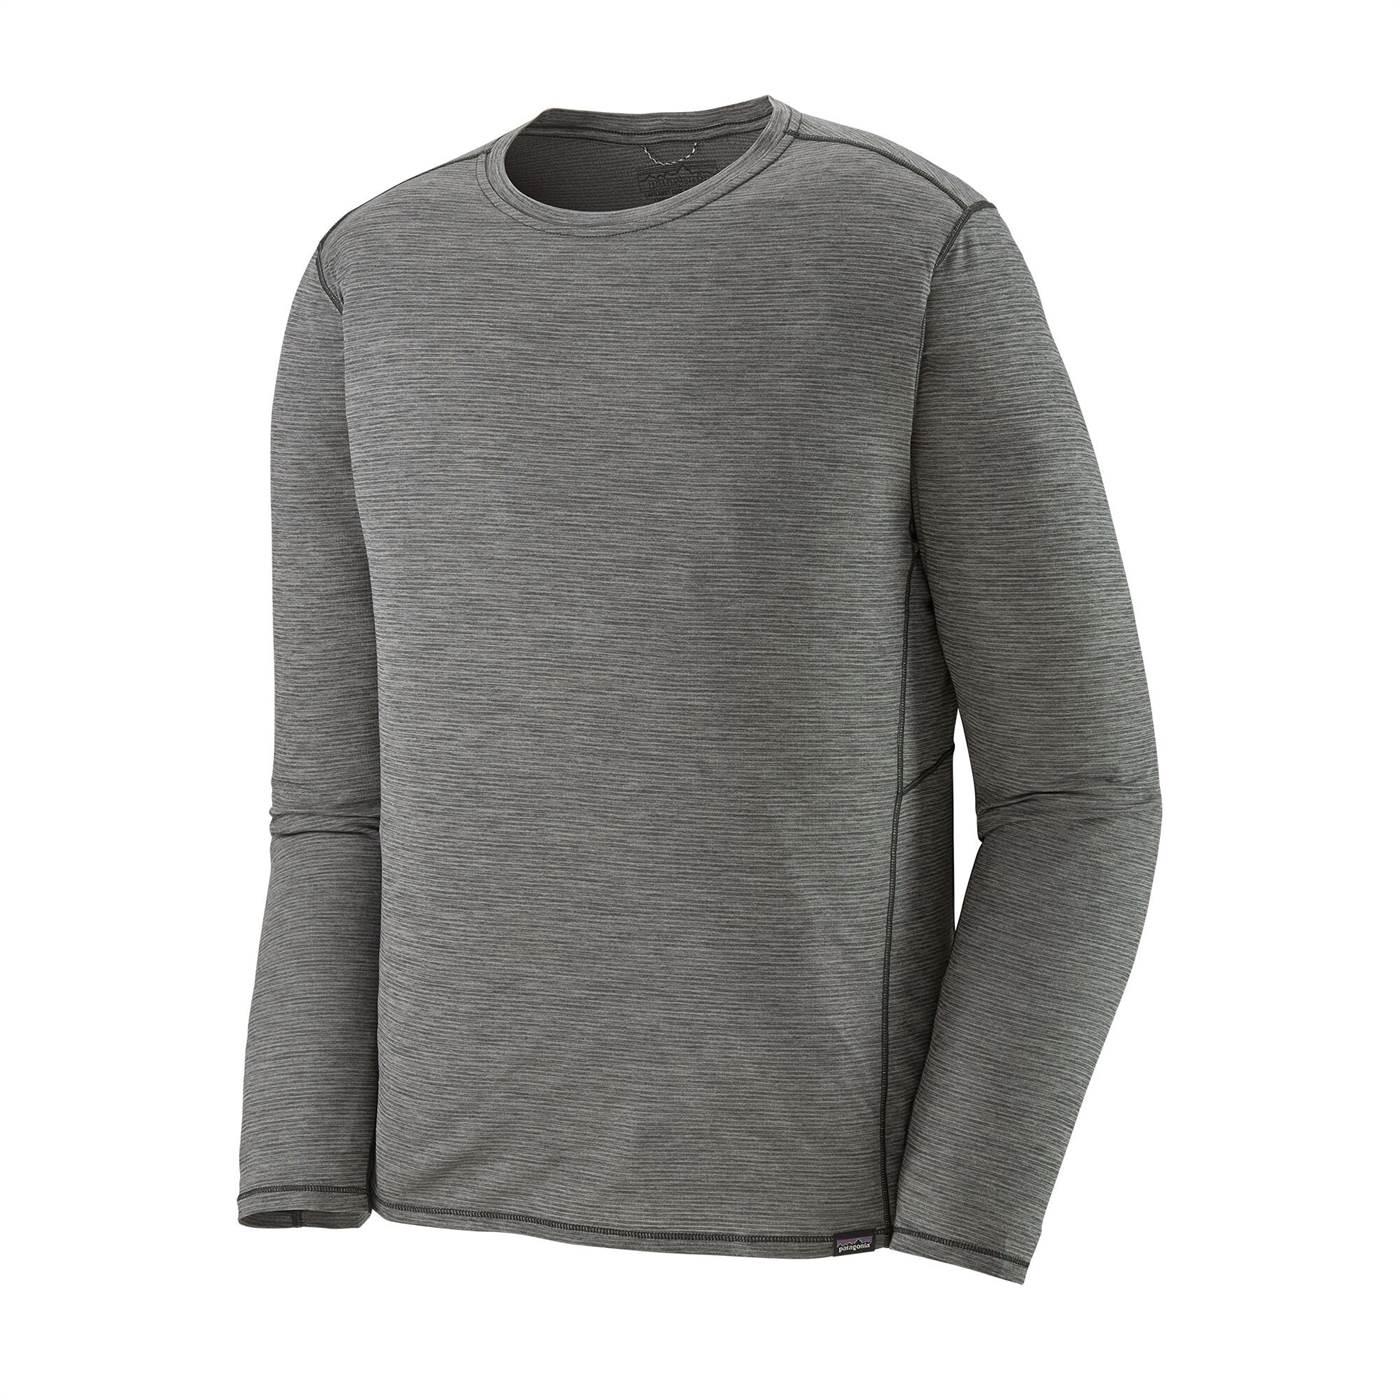 Cap Cool Lightweight Shirt Long Sleeve - Men's